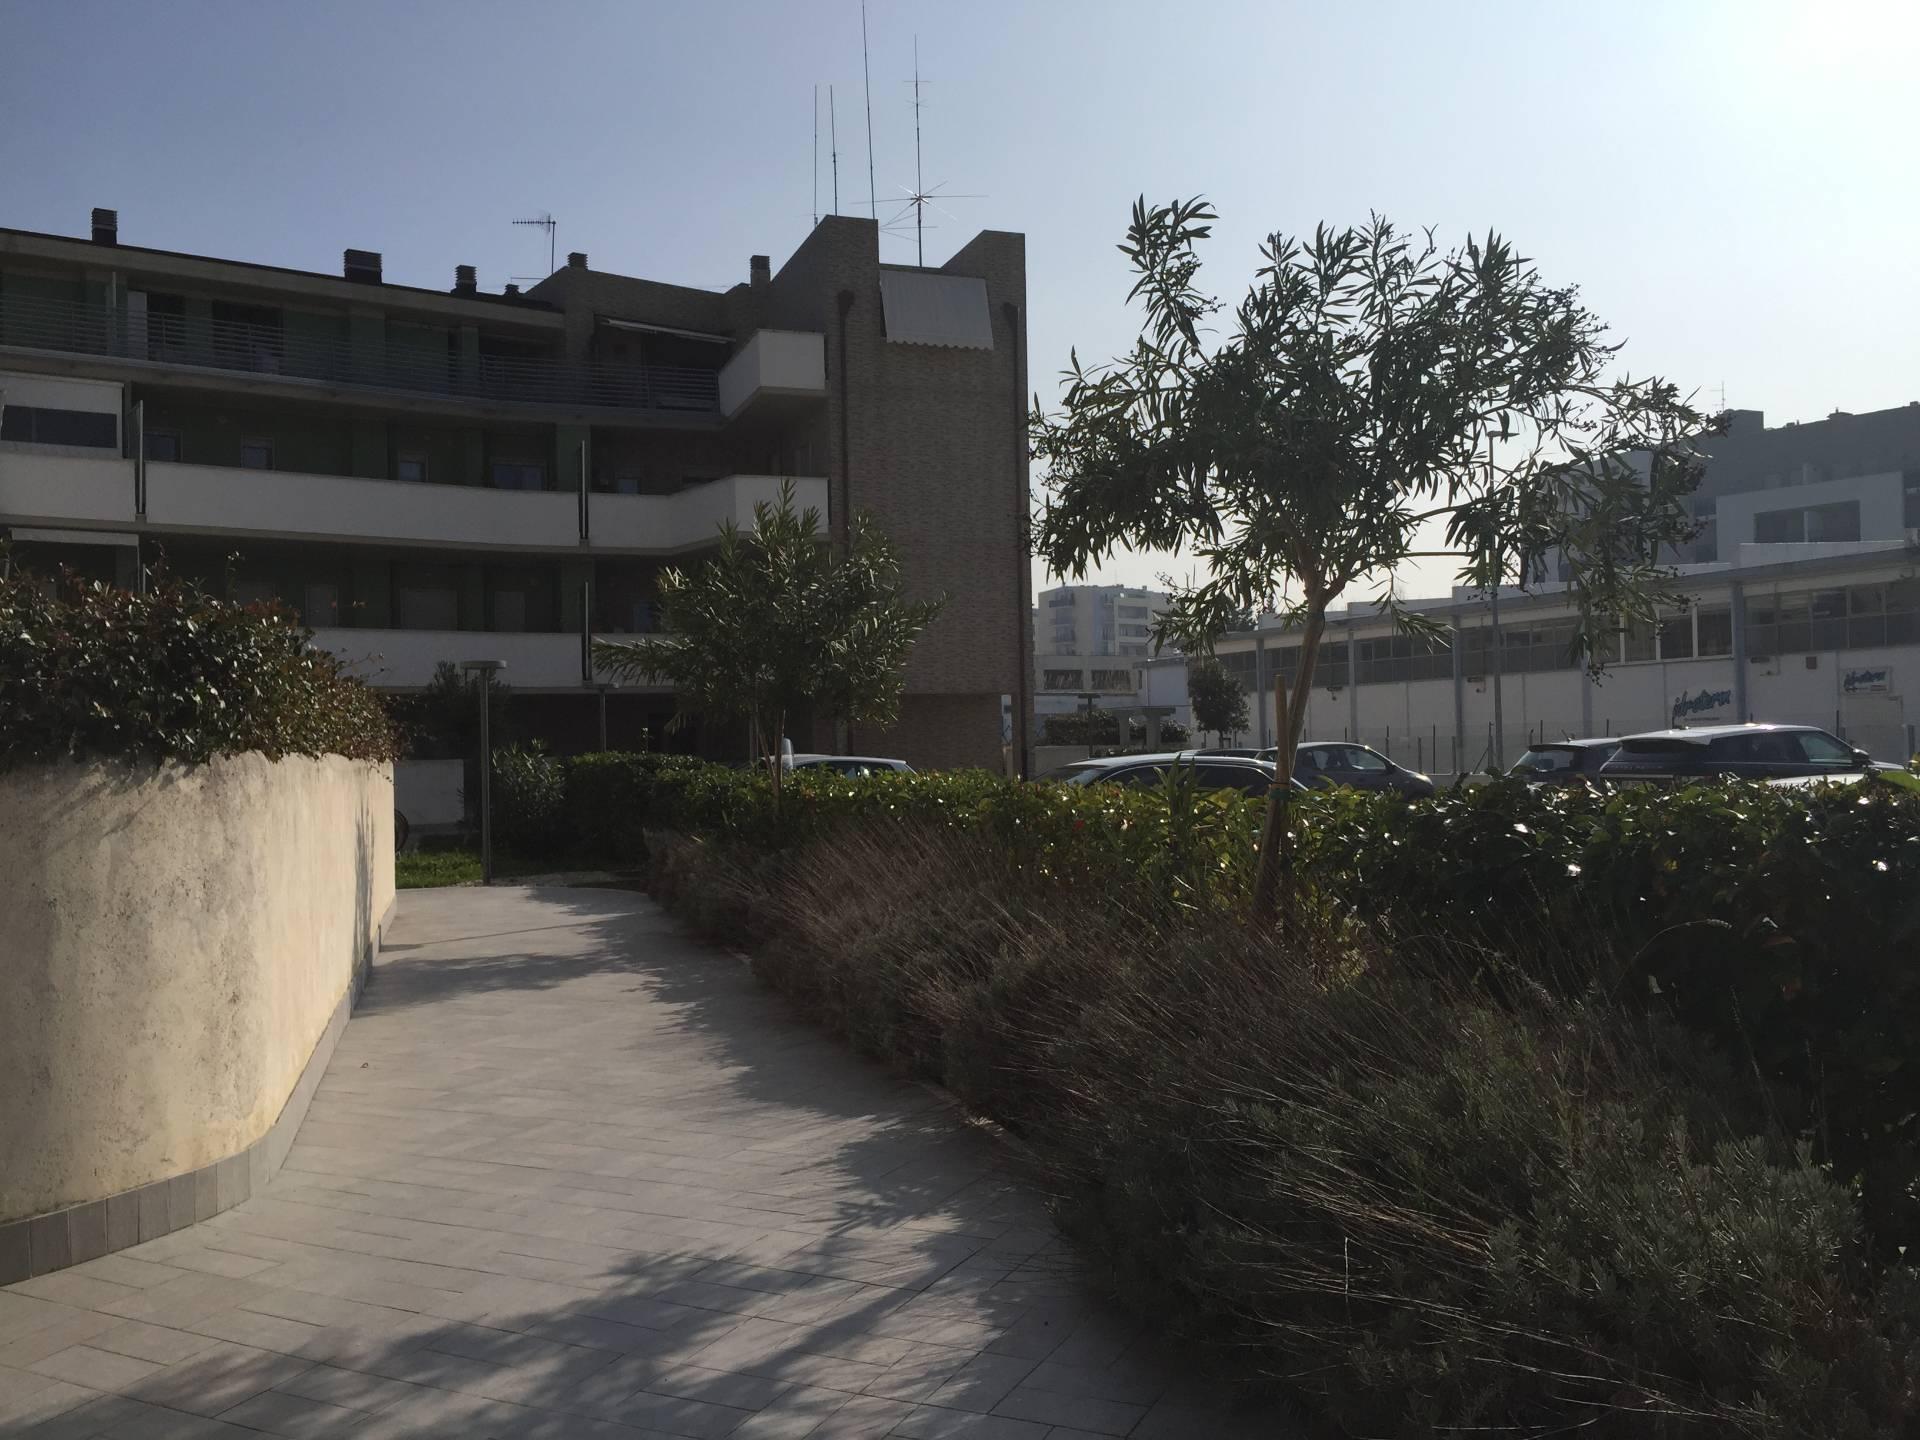 Appartamento in vendita a San Giovanni Teatino, 2 locali, prezzo € 115.000 | CambioCasa.it